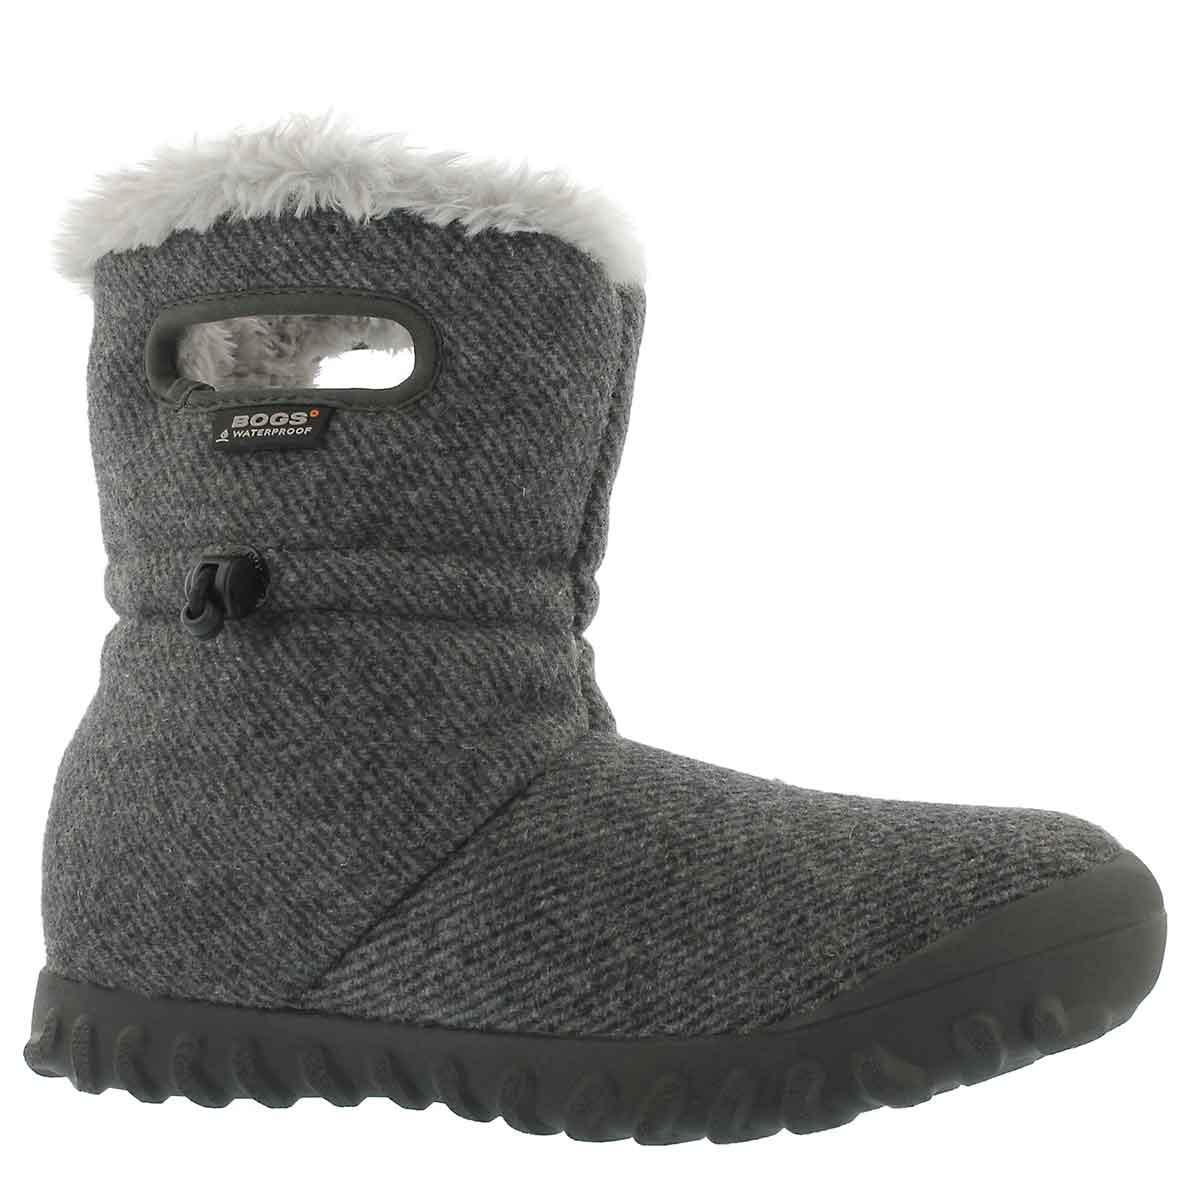 Lds B-Moc Wool charcoal wtpf boot